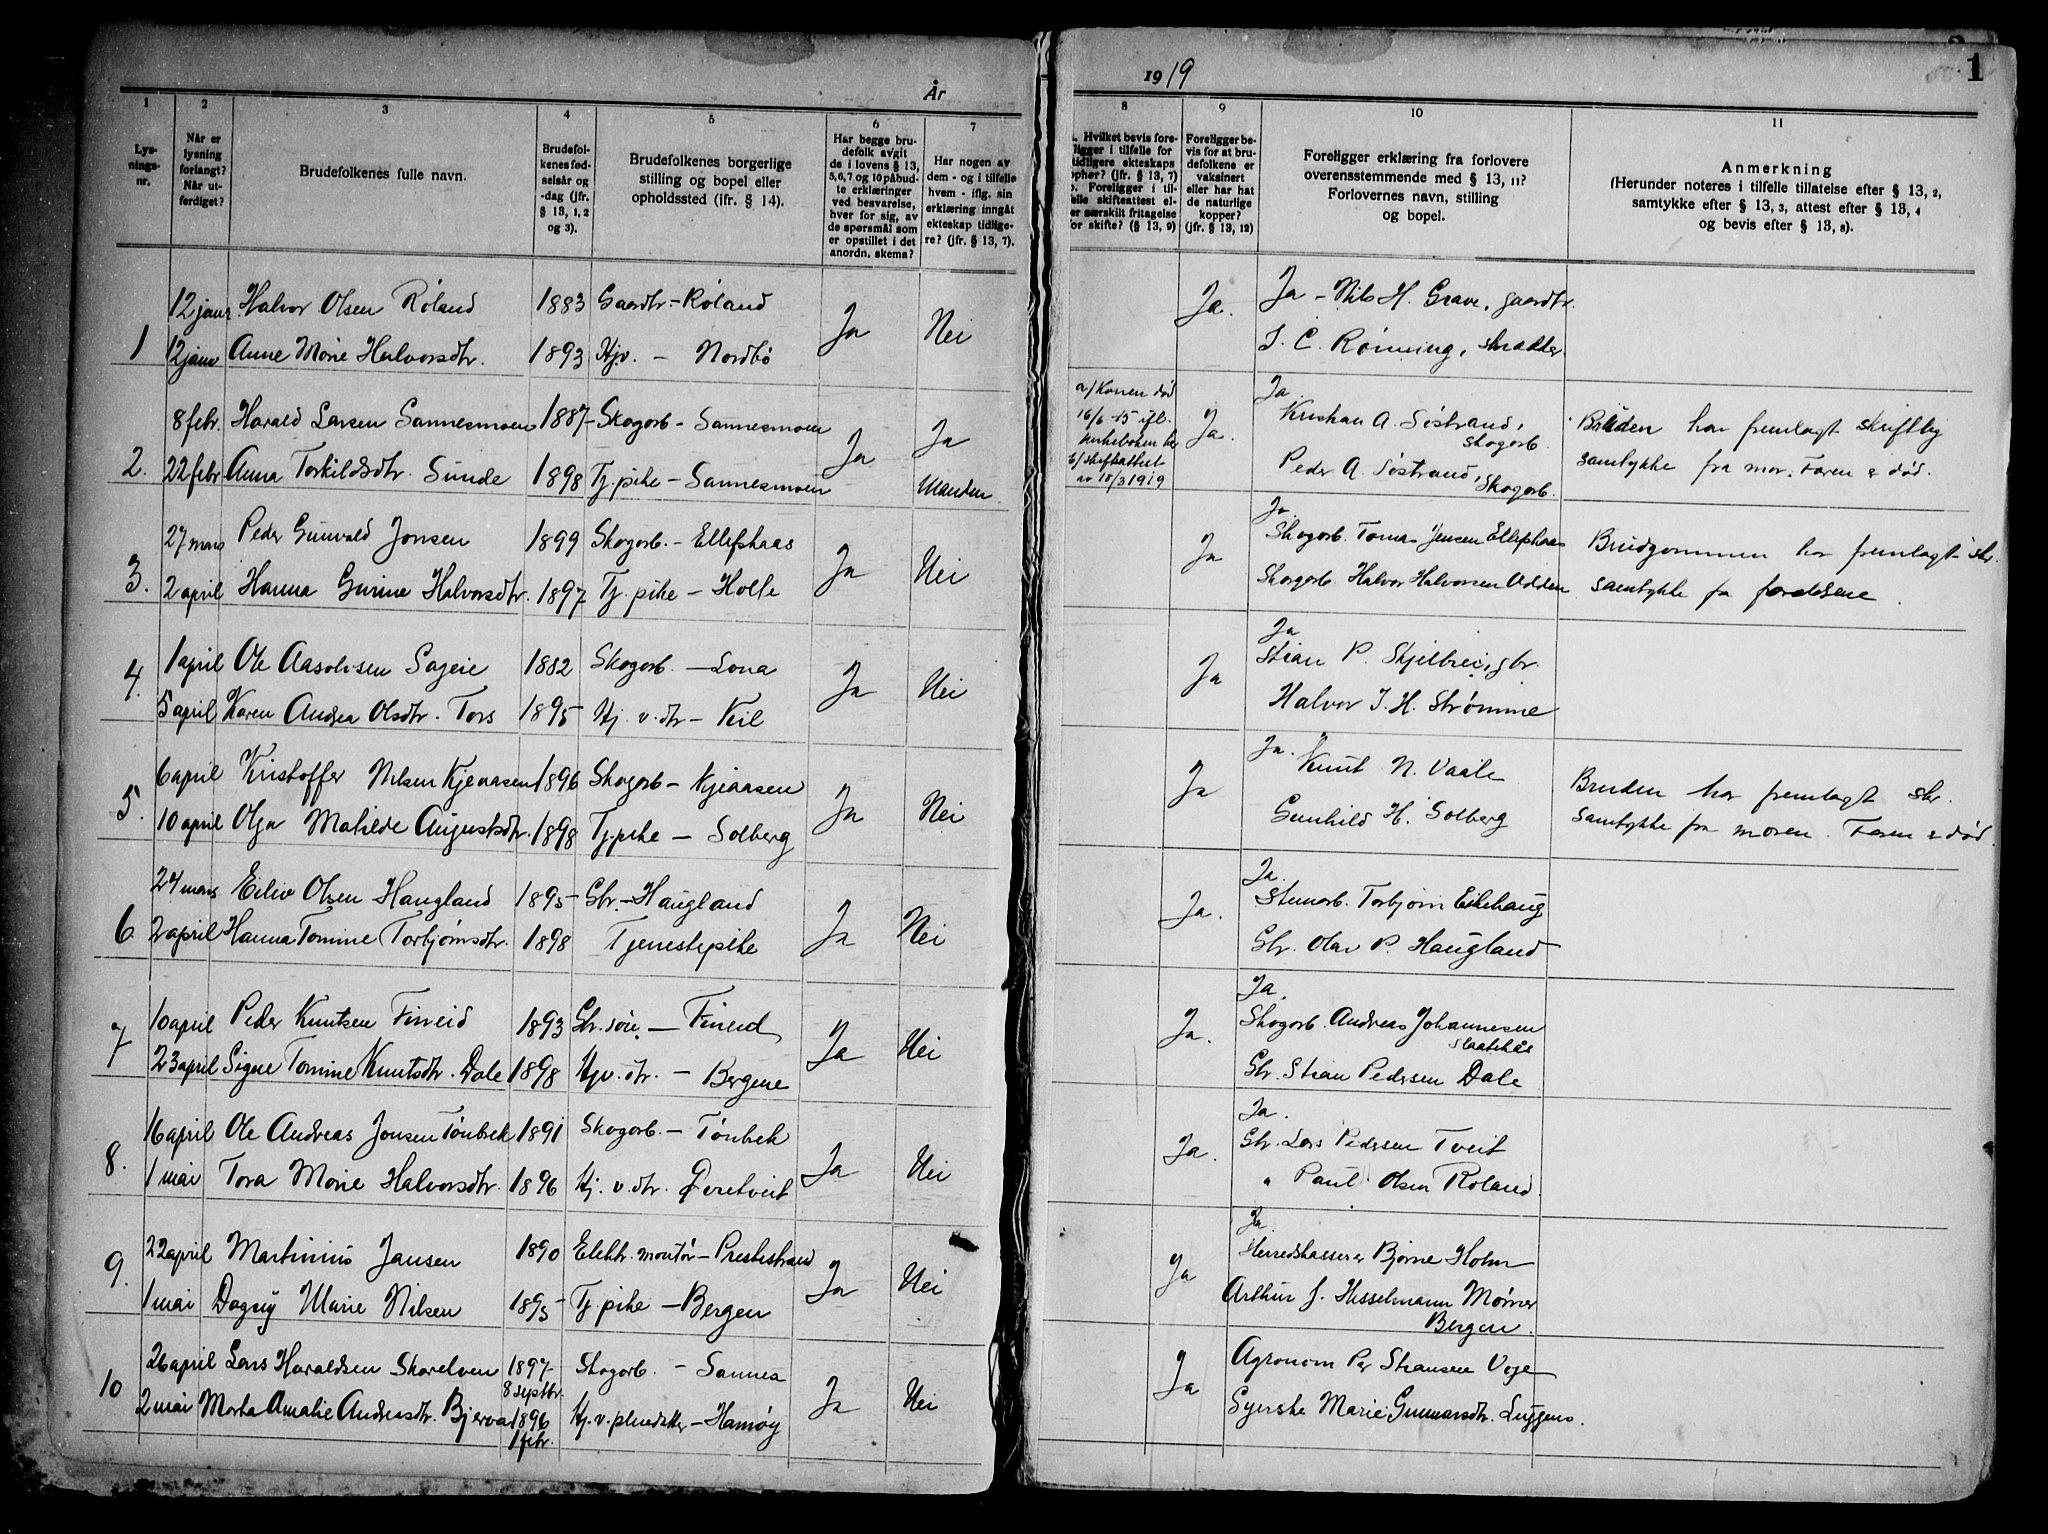 SAKO, Drangedal kirkebøker, H/Ha/L0001: Lysningsprotokoll nr. 1, 1919-1952, s. 1